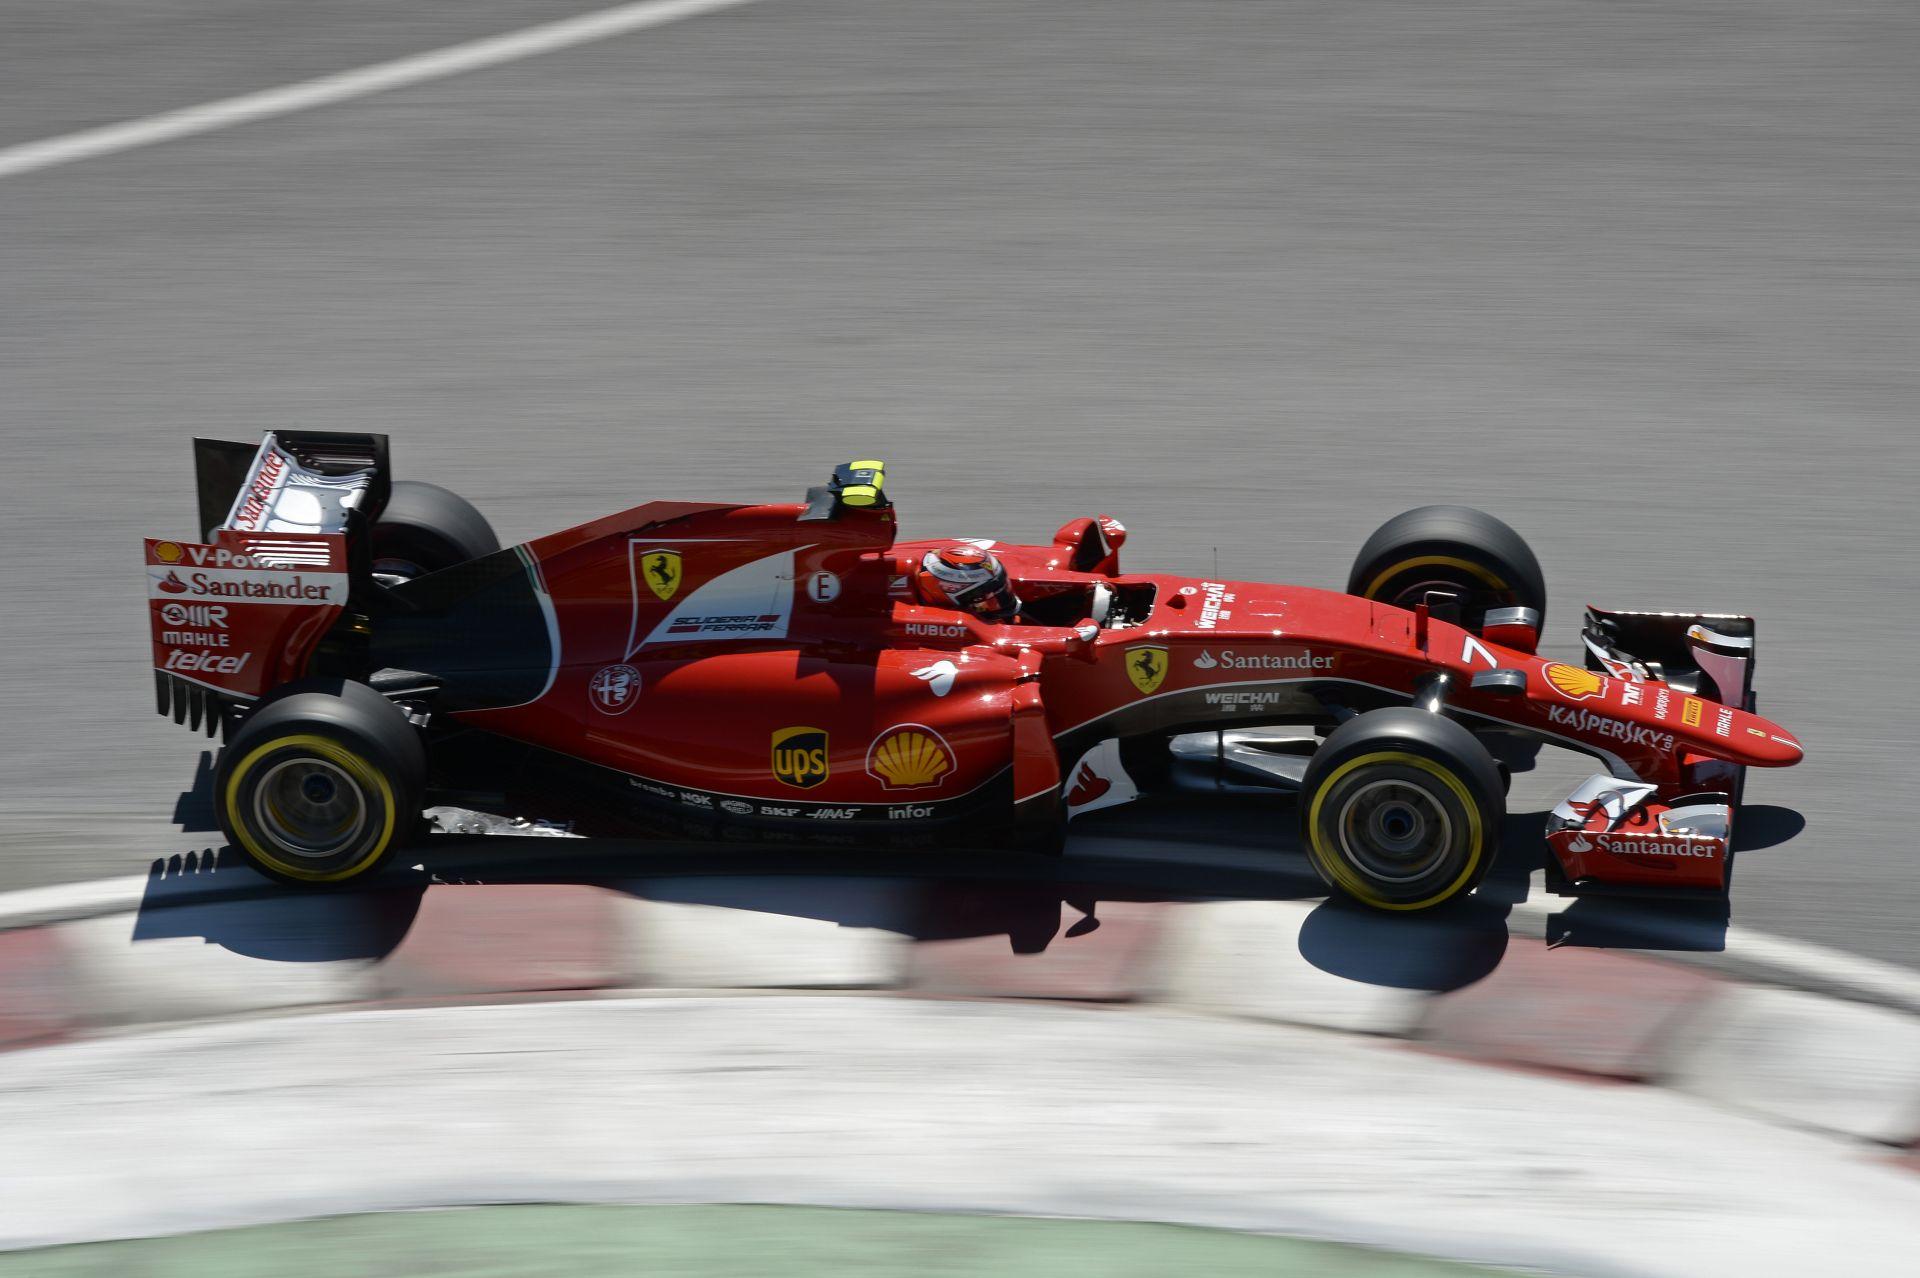 Coulthard: Kimi Räikkönennek mennie kell!